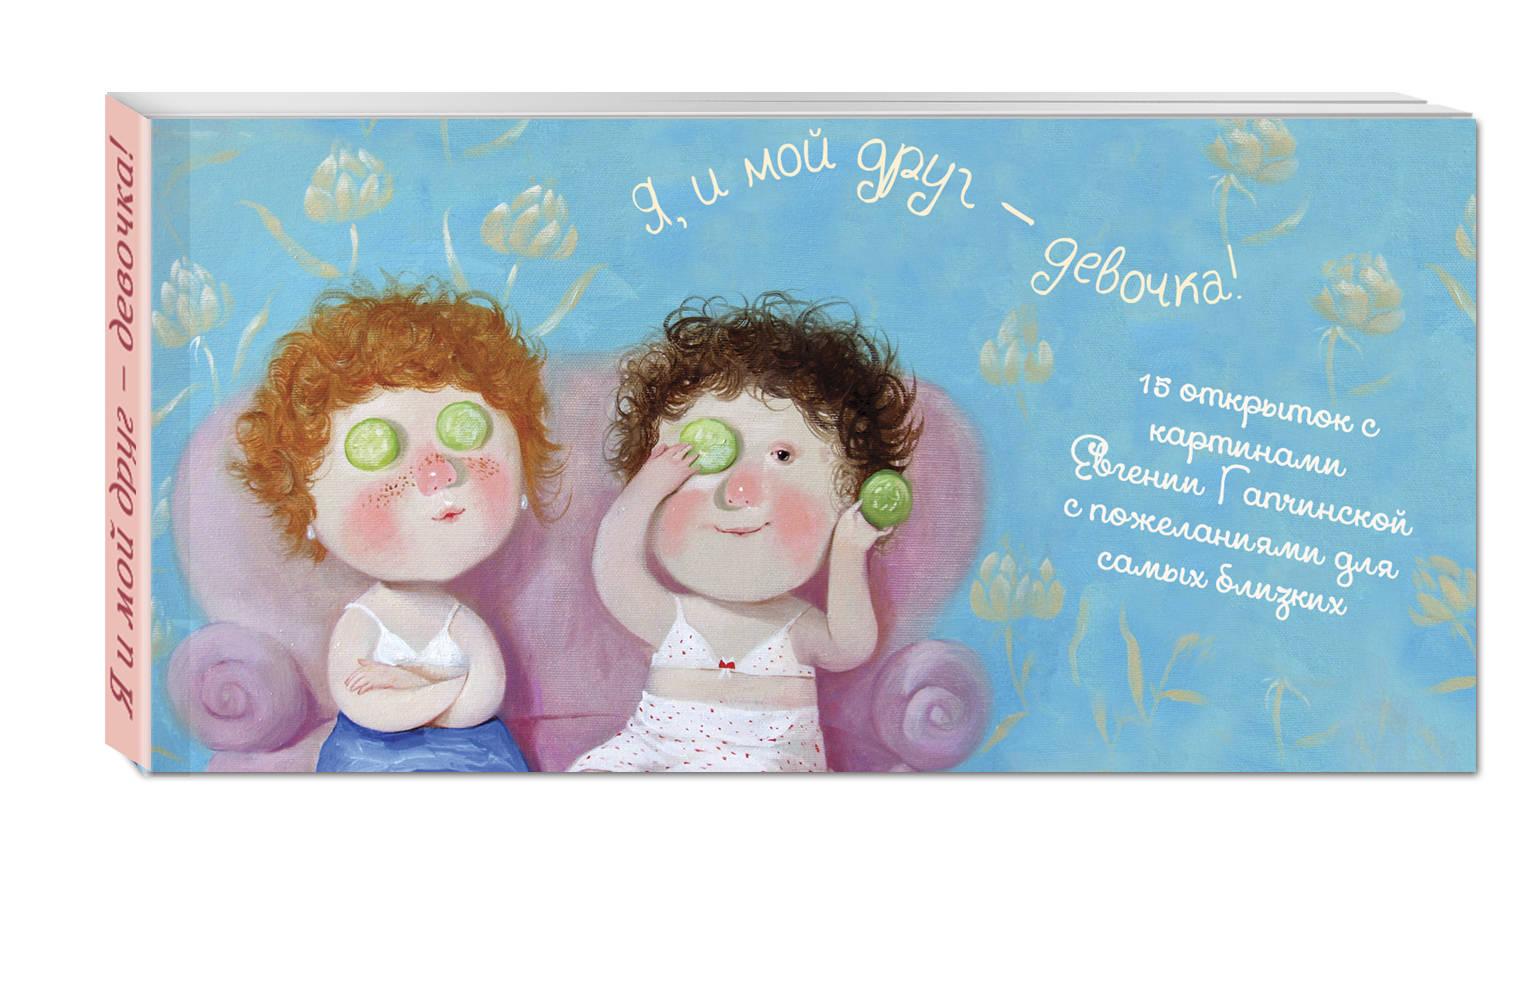 15 открыток на перфорации с картинами Евгении Гапчинской (Я и мой друг - девочка!) ( Гапчинская Е.  )